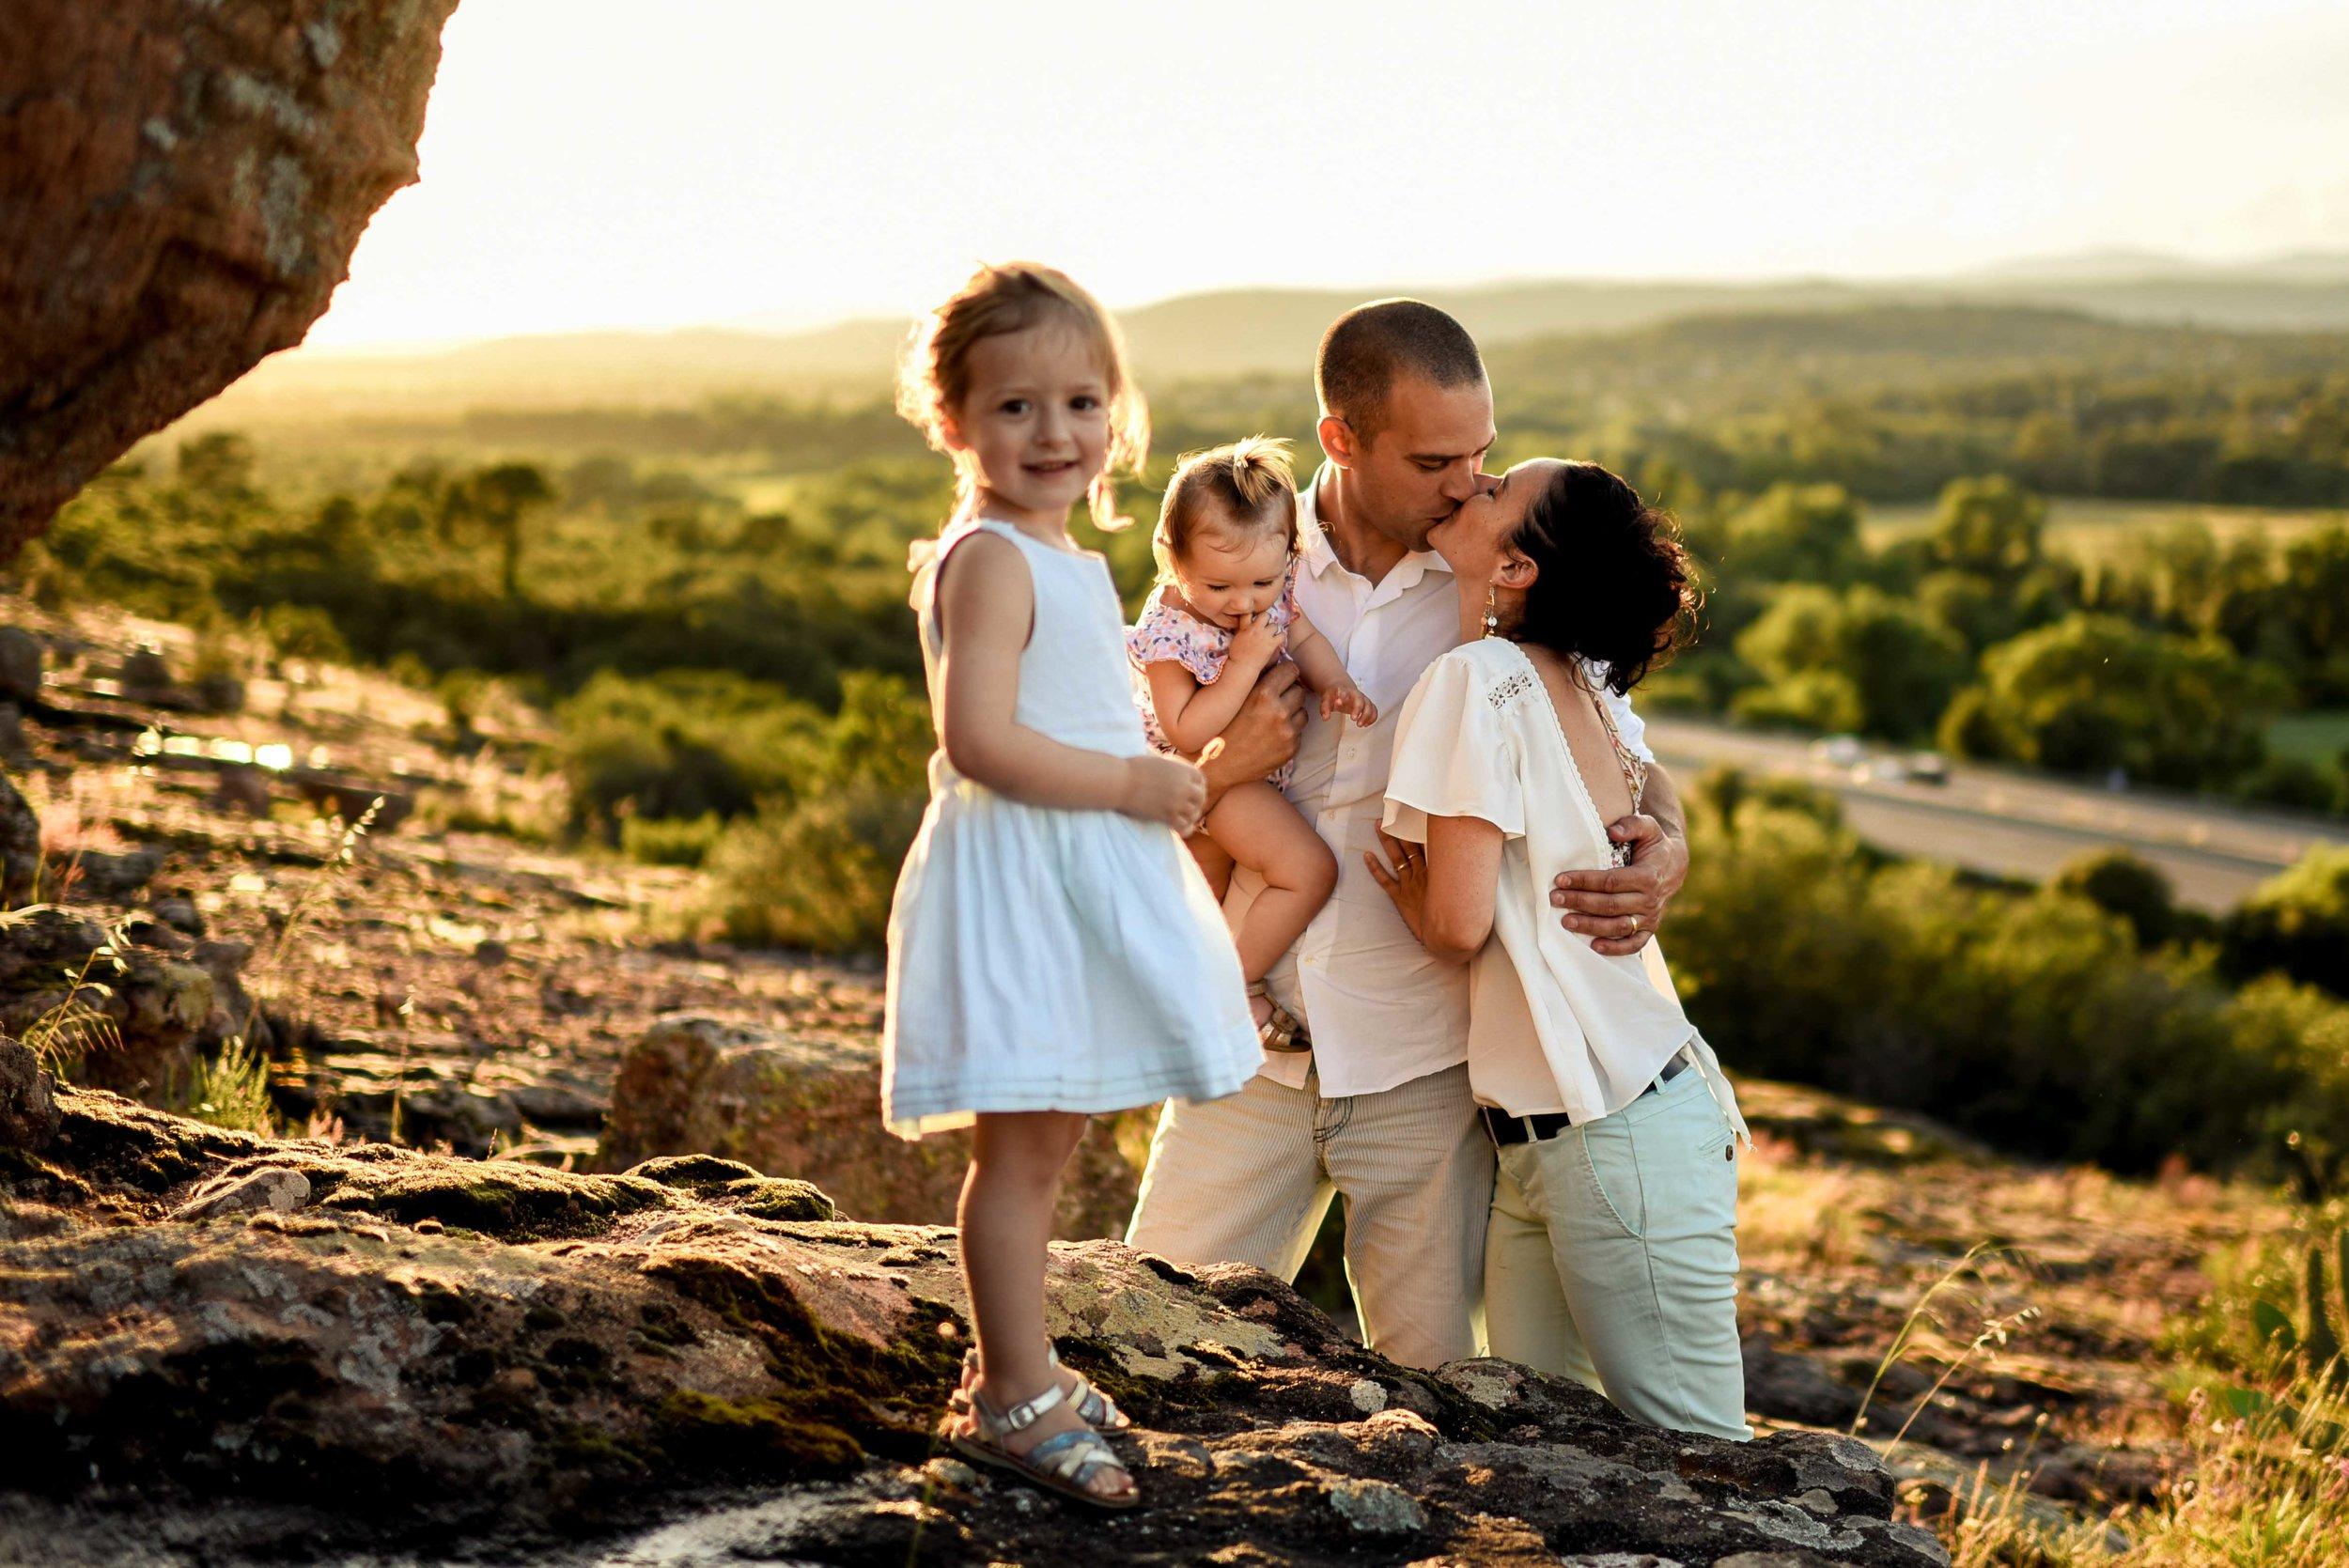 seance-photo-famille-naturelle-et-spontanee-4.jpg